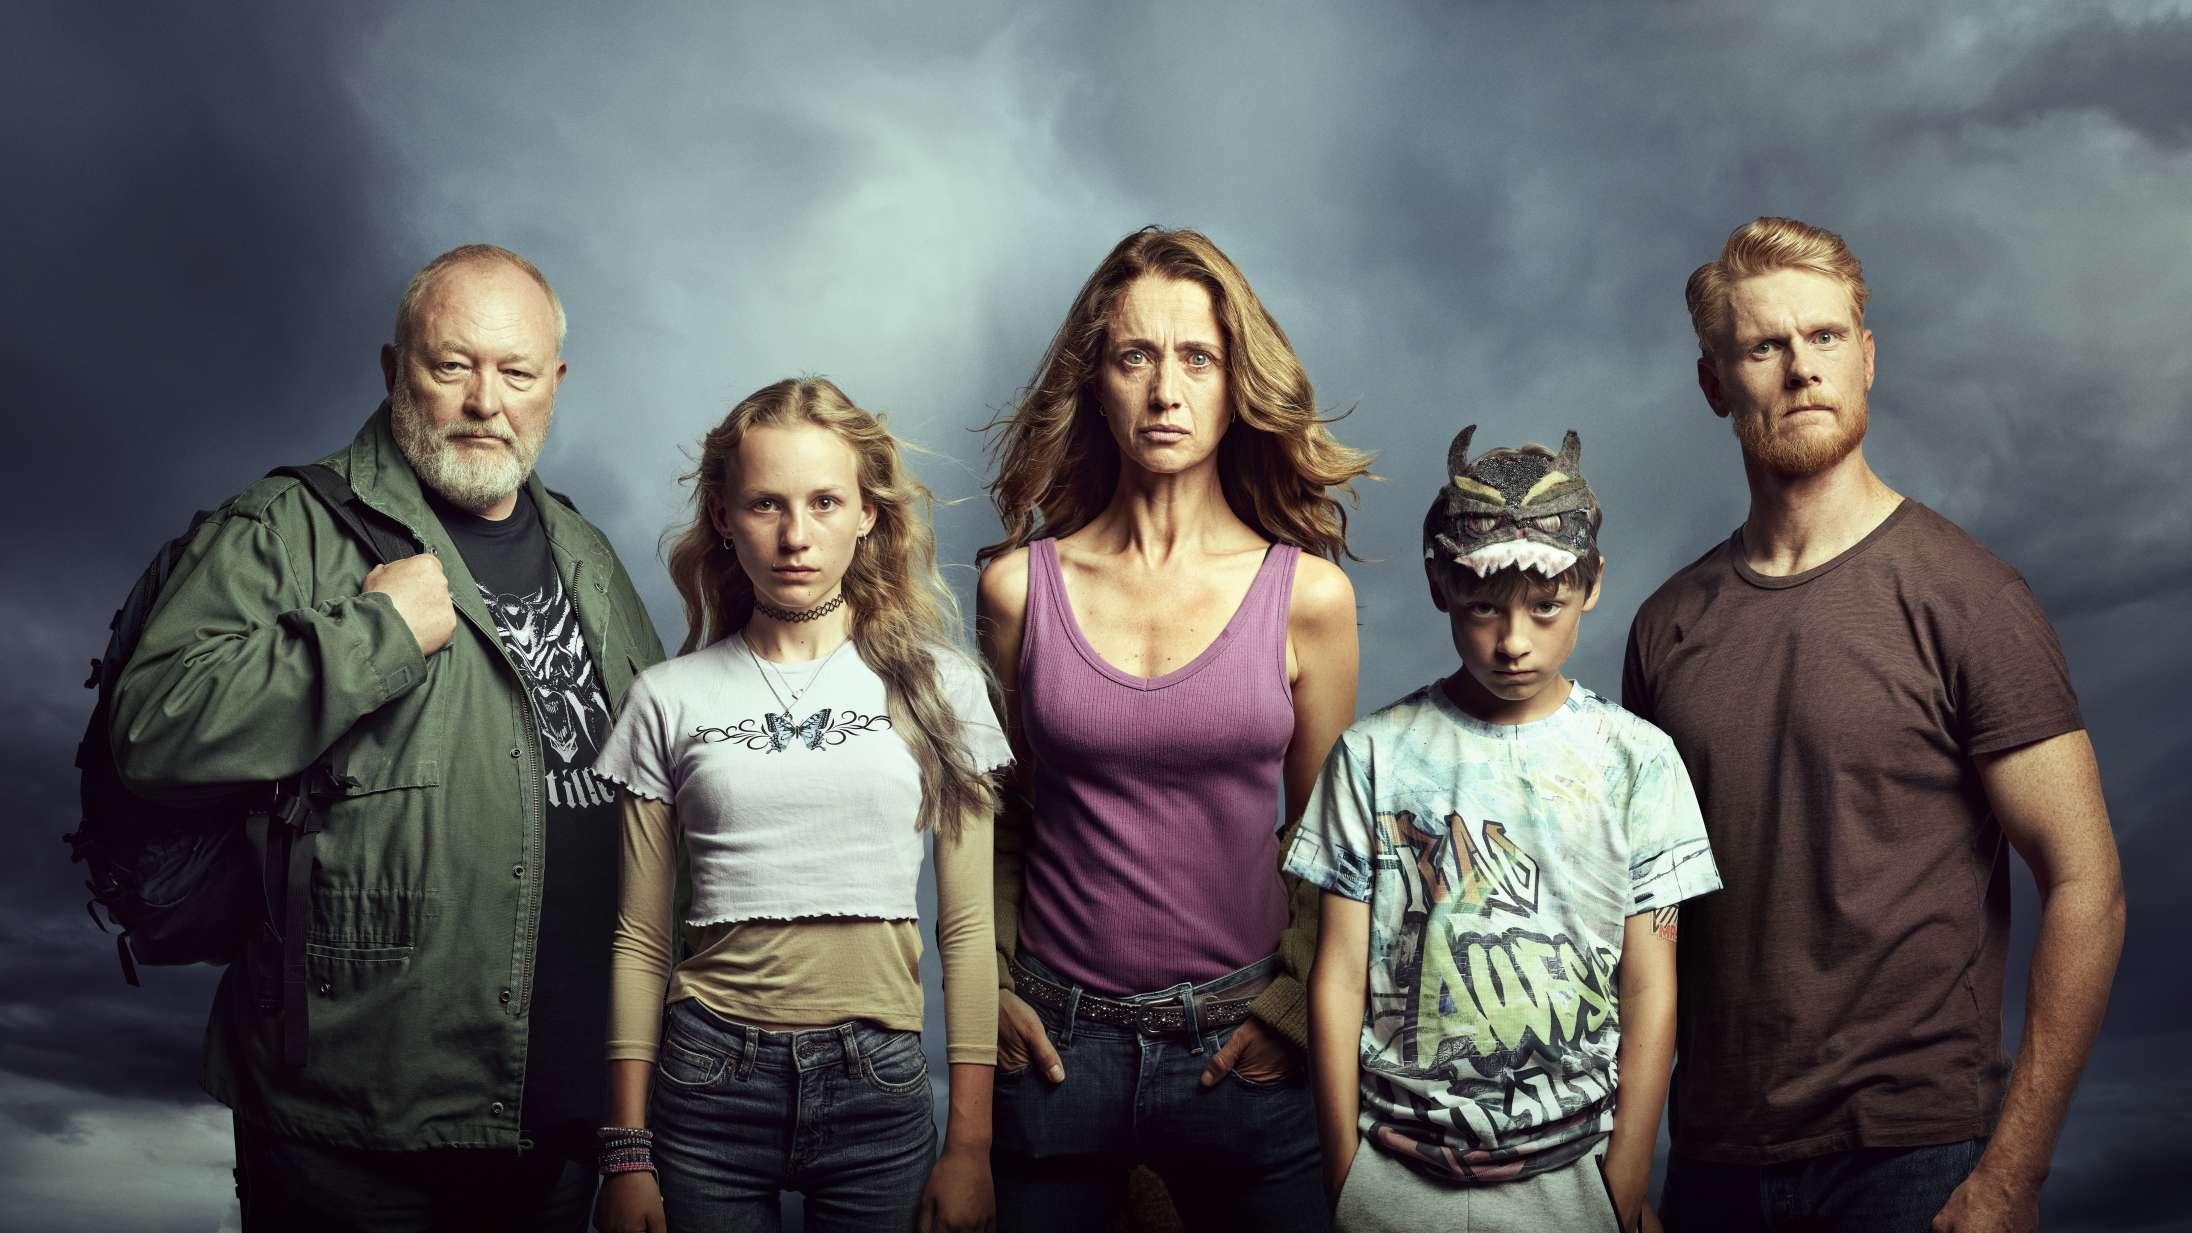 Med DR-serien 'Ulven kommer' vil Maja Jul Larsen udfolde en kriminalsag inden for hjemmets fire vægge